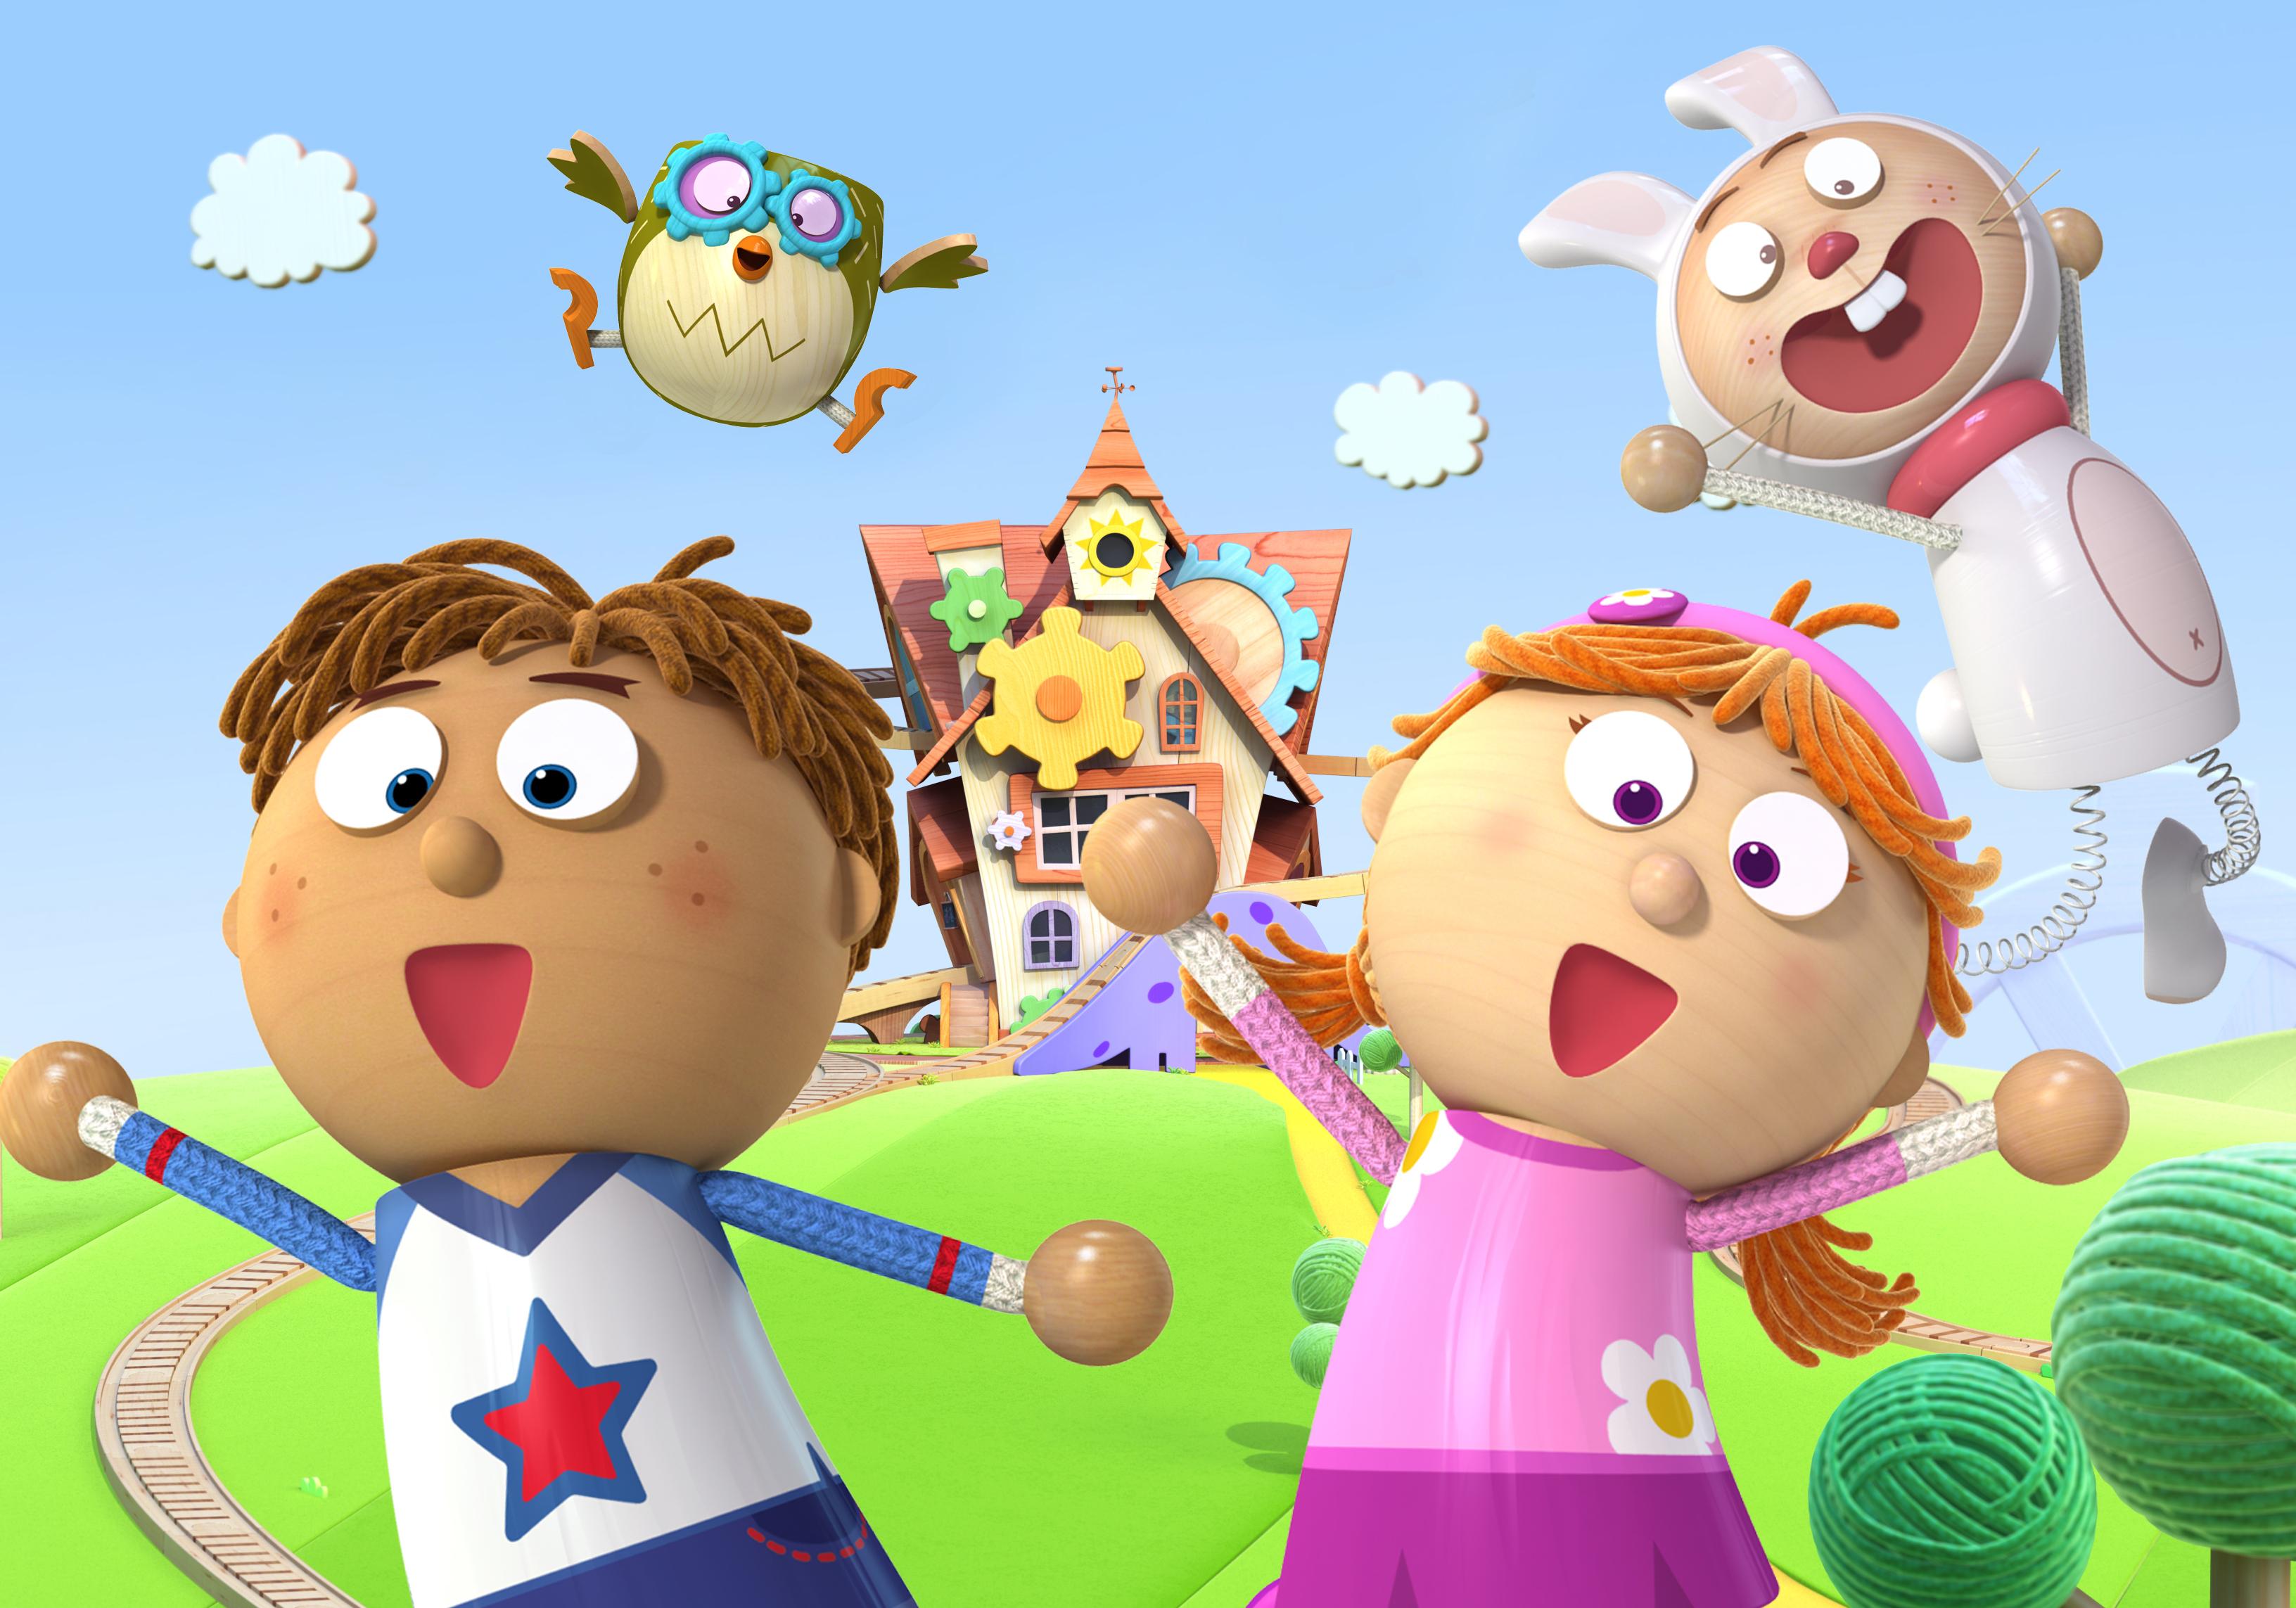 V__Zodiak International_Kids & Family_2013_Tickety Toc_Tickety Toc Images_TT_BGI_05_nologo